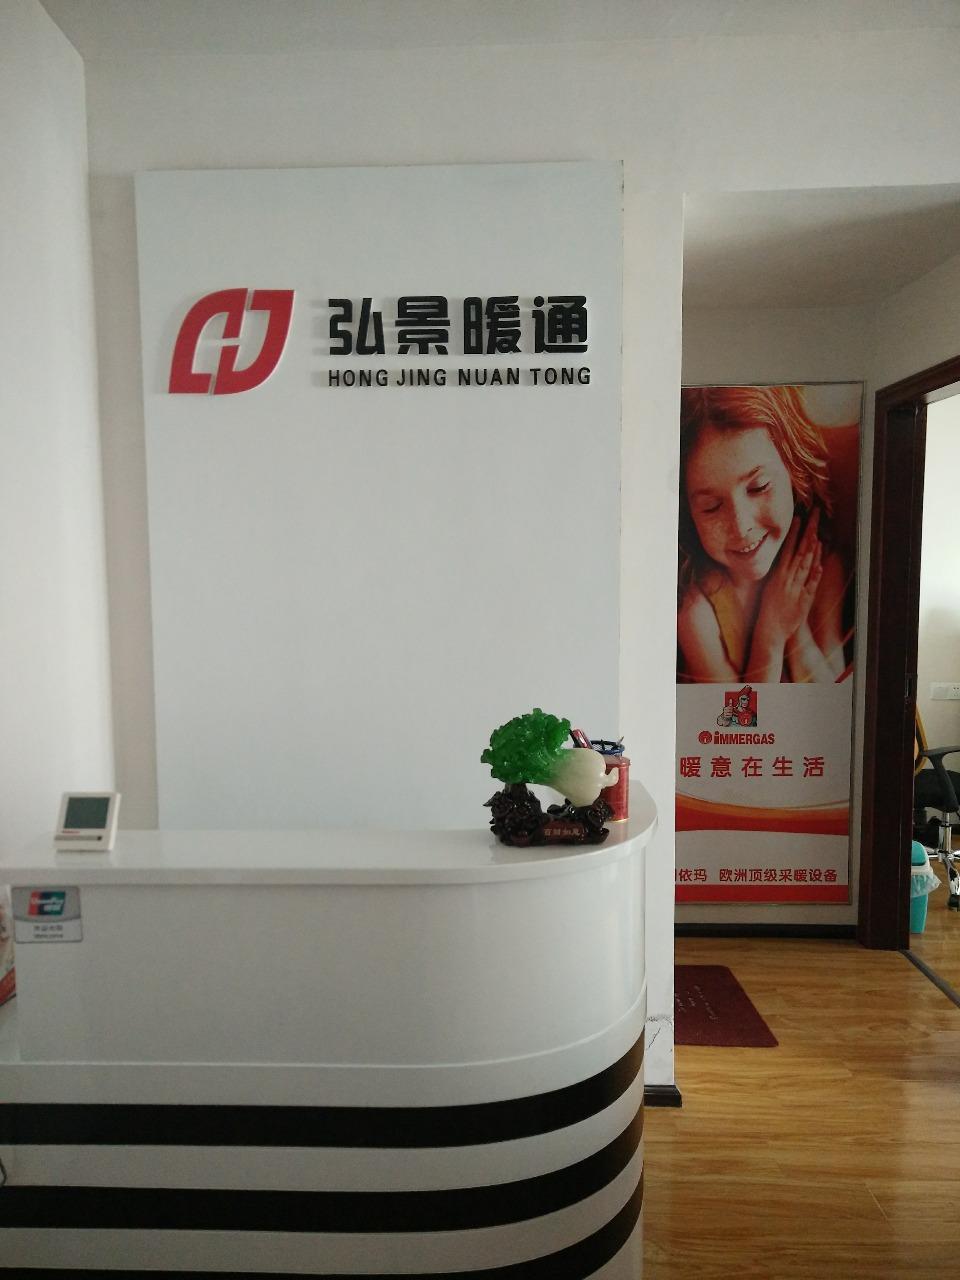 贵州弘景暖通设备有限公司 最新采购和商业信息